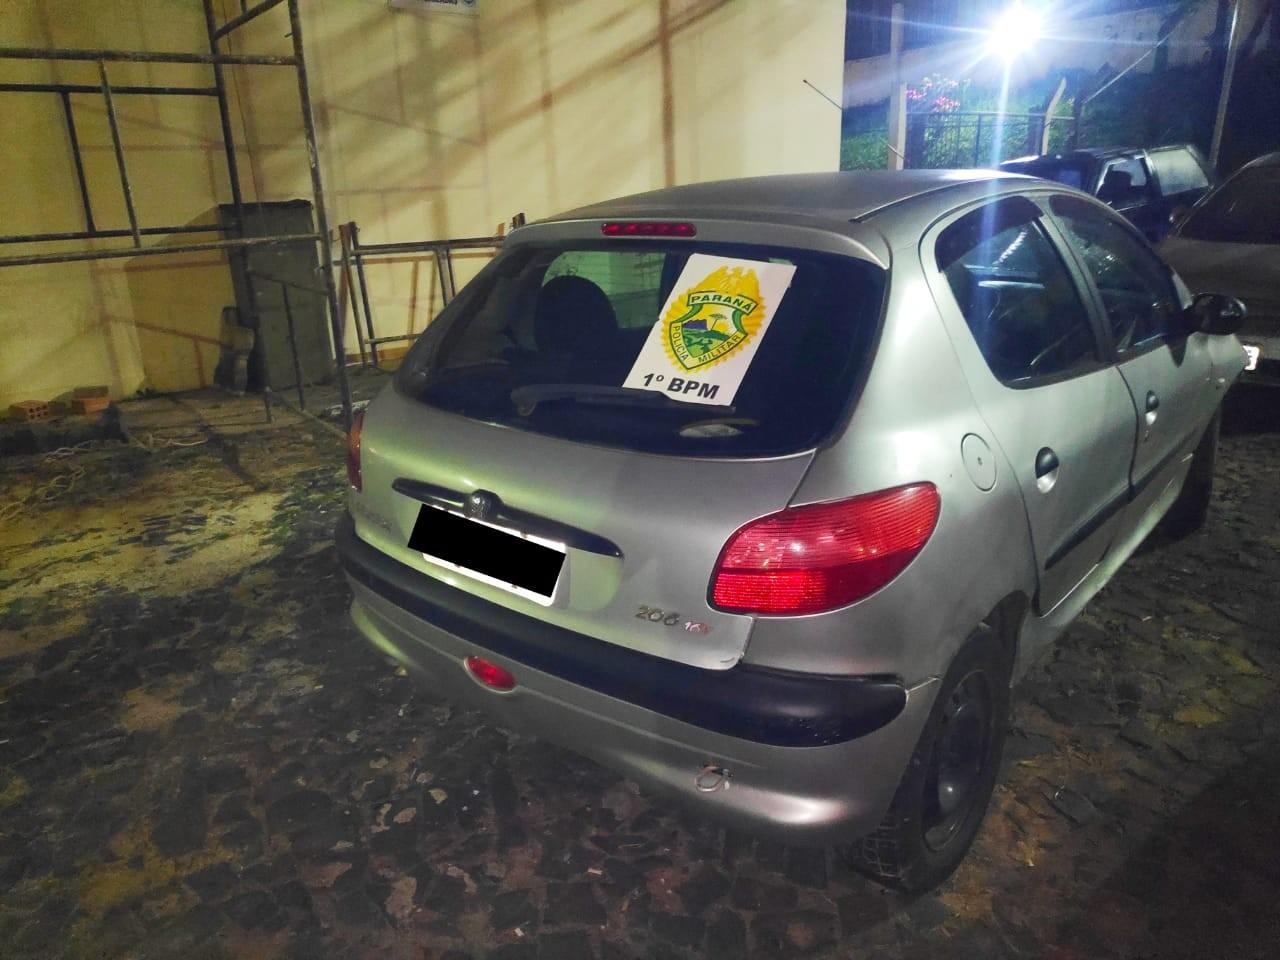 Casal é preso após agredir mulher, roubar carro e bater contra muro em Ponta Grossa, diz PM - Notícias - Plantão Diário